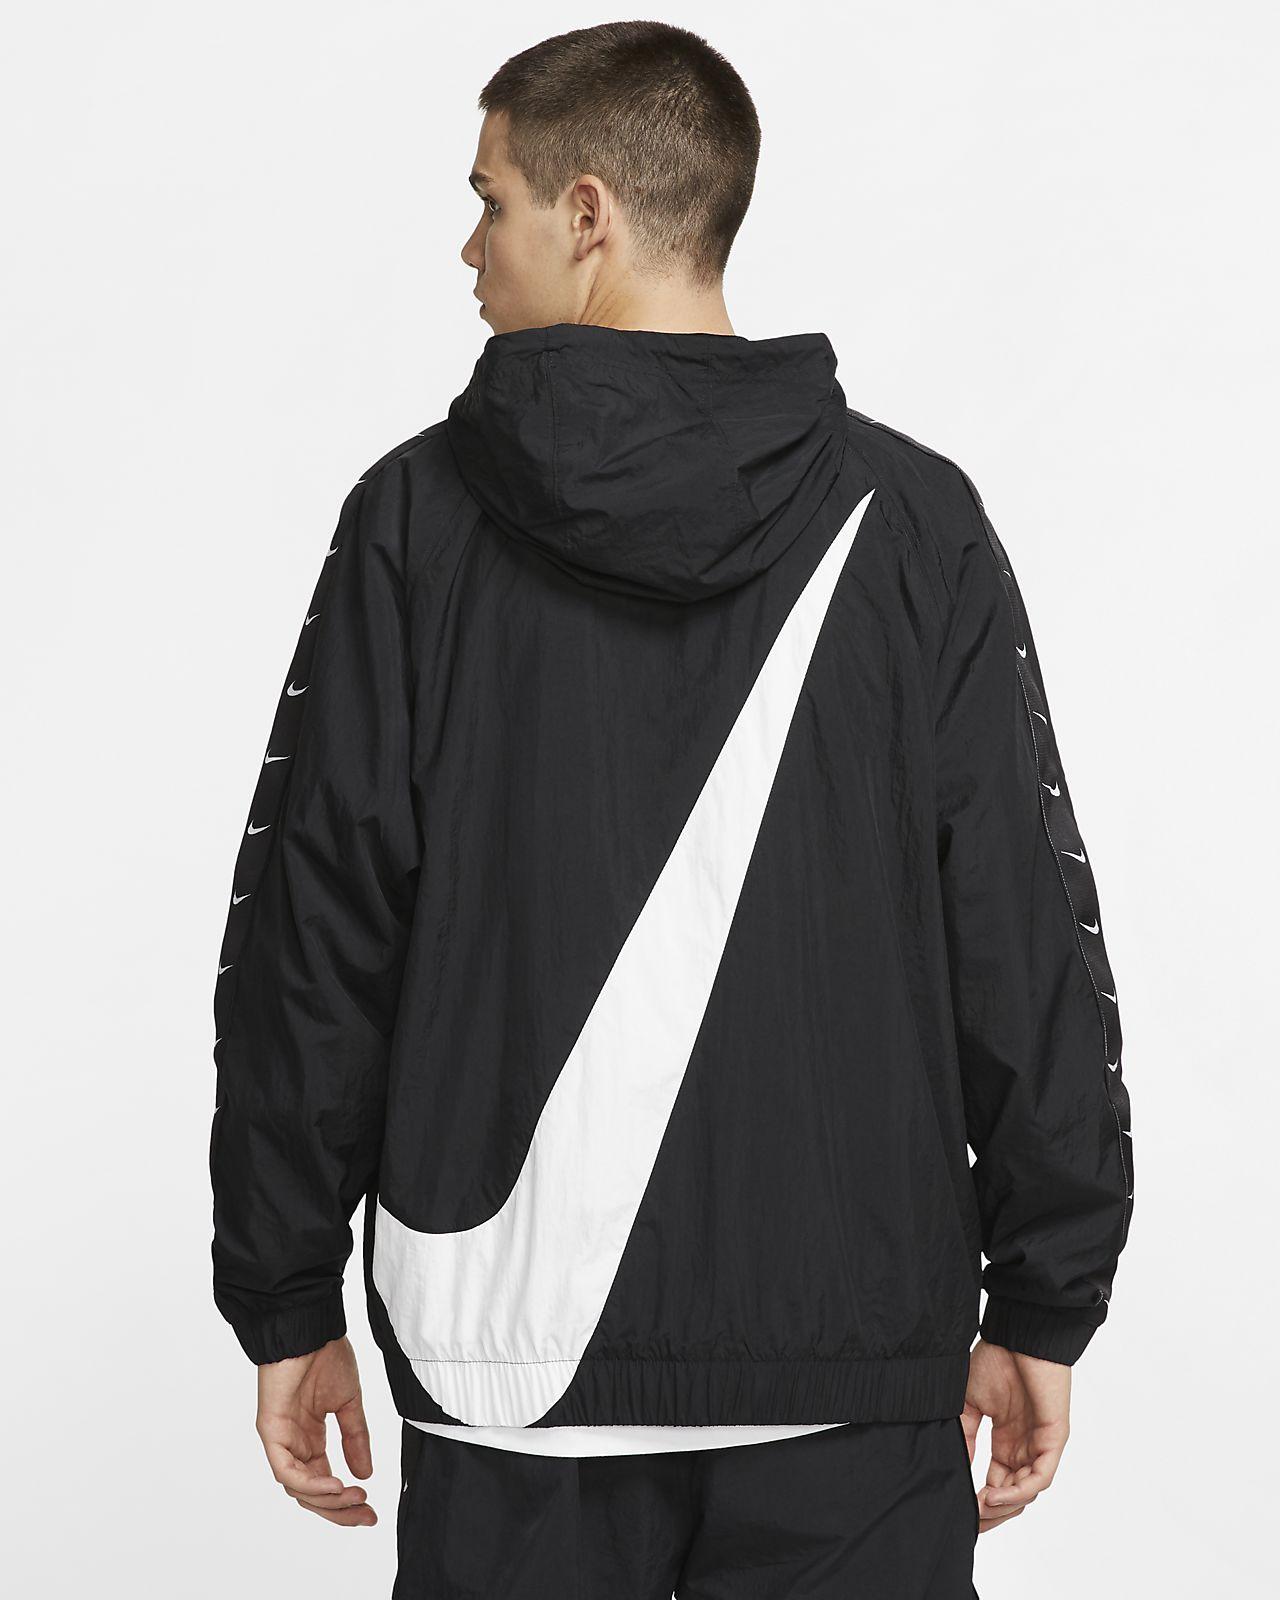 29fd42746 Nike Sportswear Swoosh Men's Woven Jacket. Nike.com